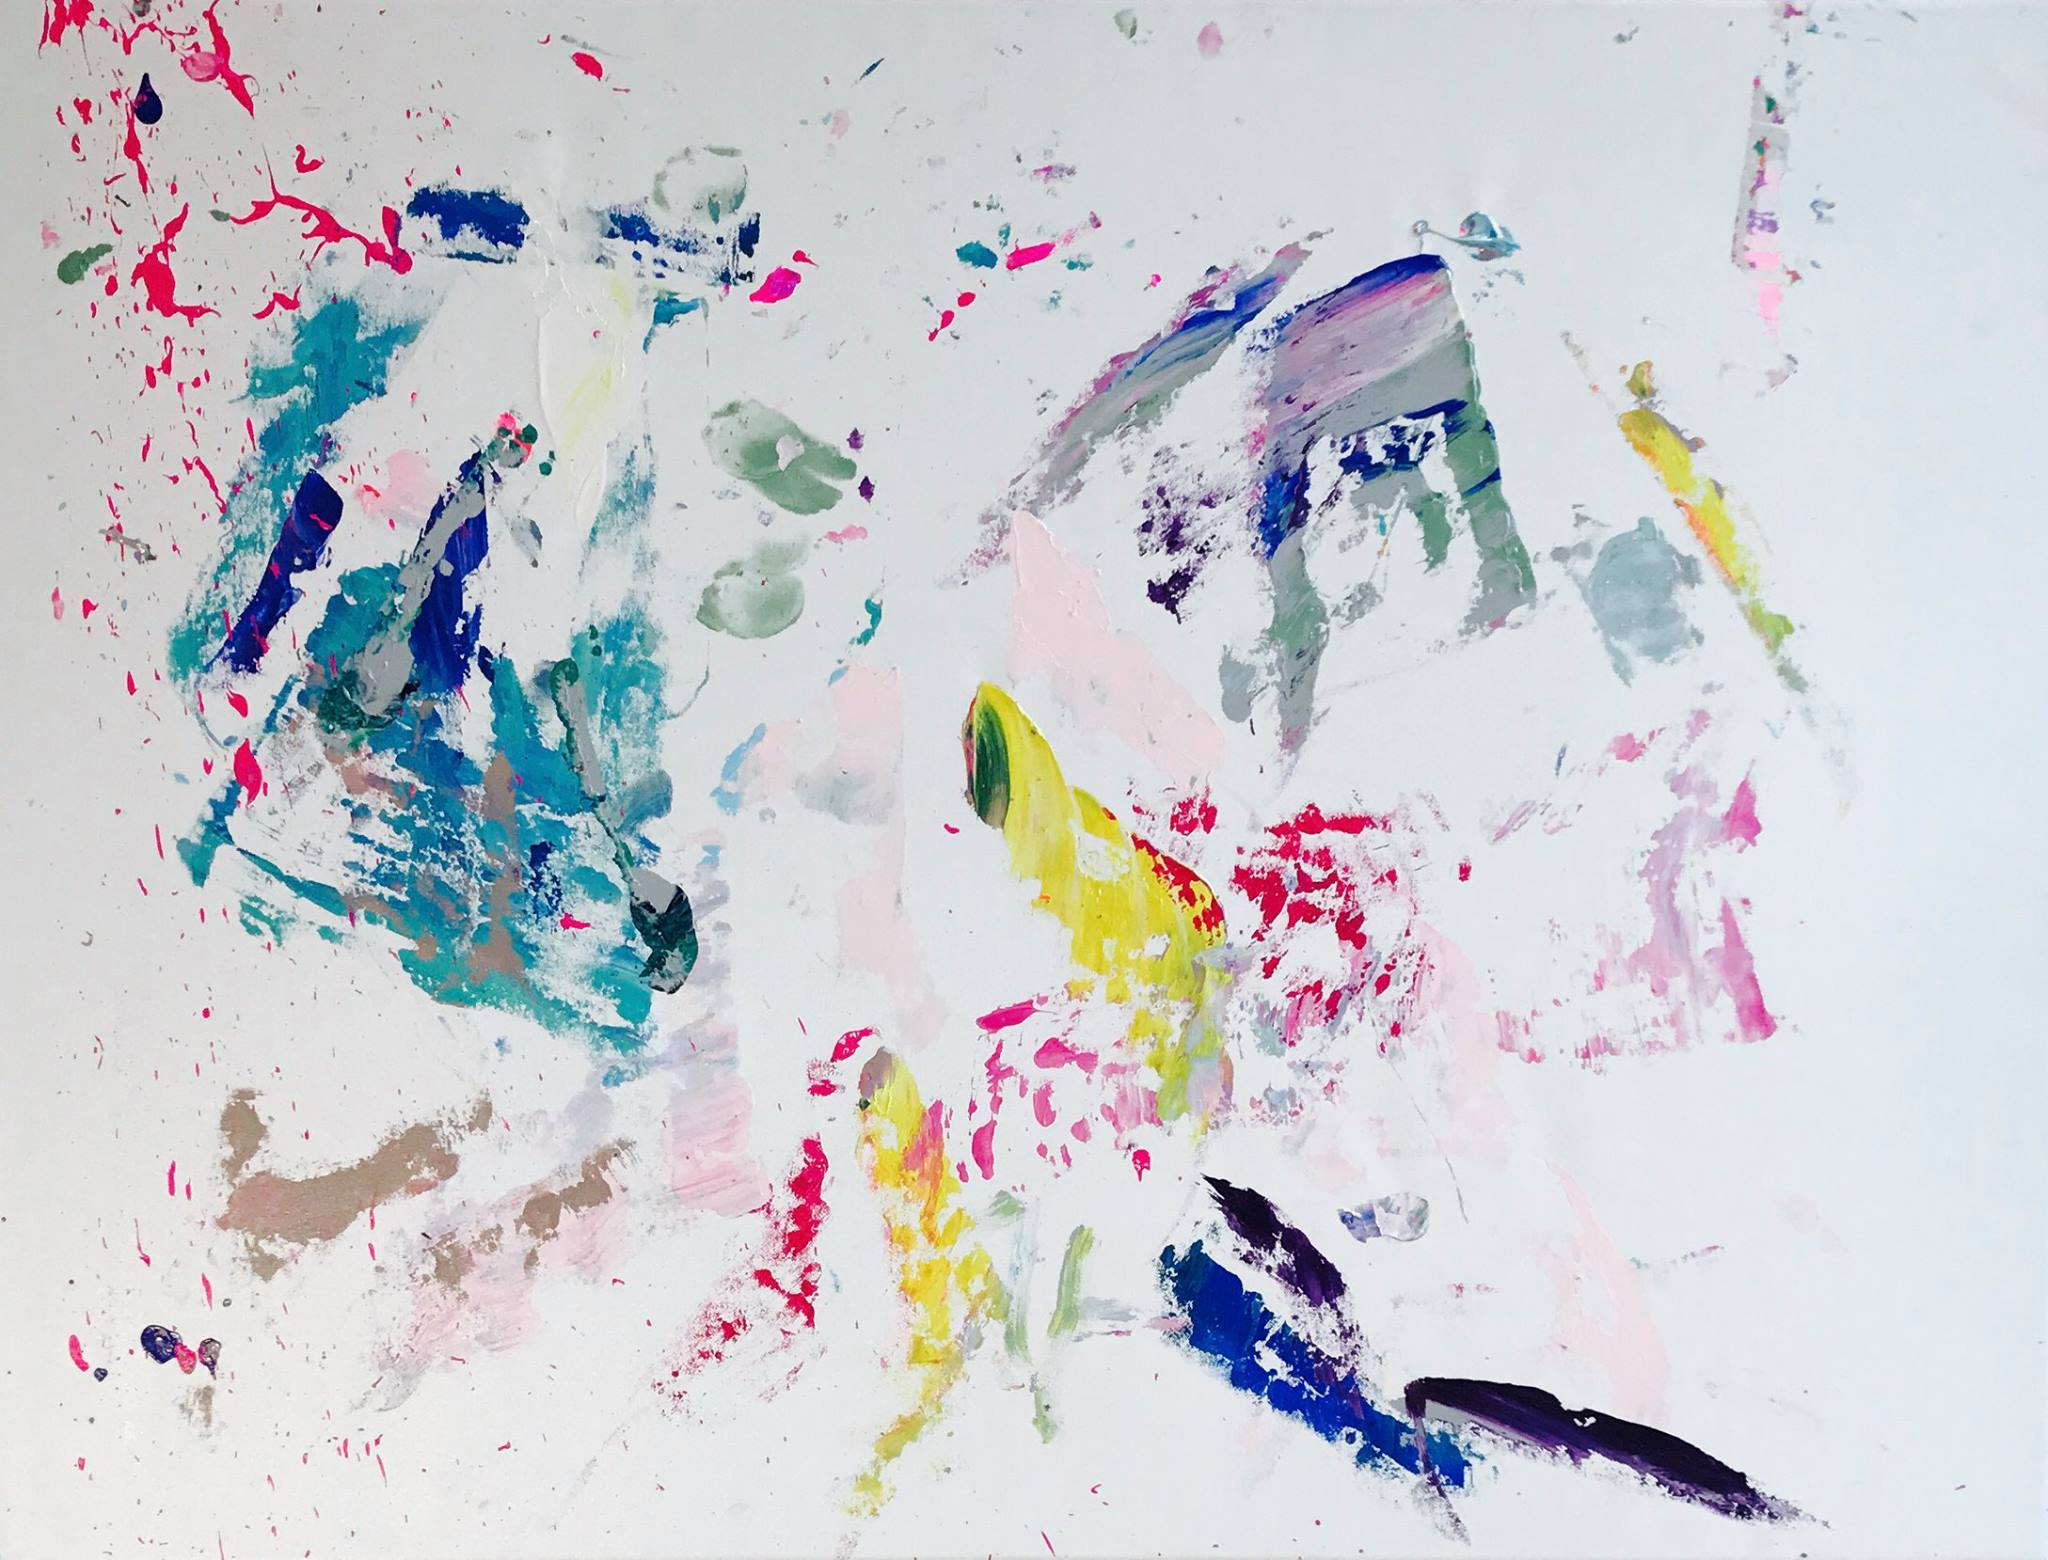 Der ONLY ART CLUB zeigt Werke des zeitgenösisschen Künstlers Paul Schrader.